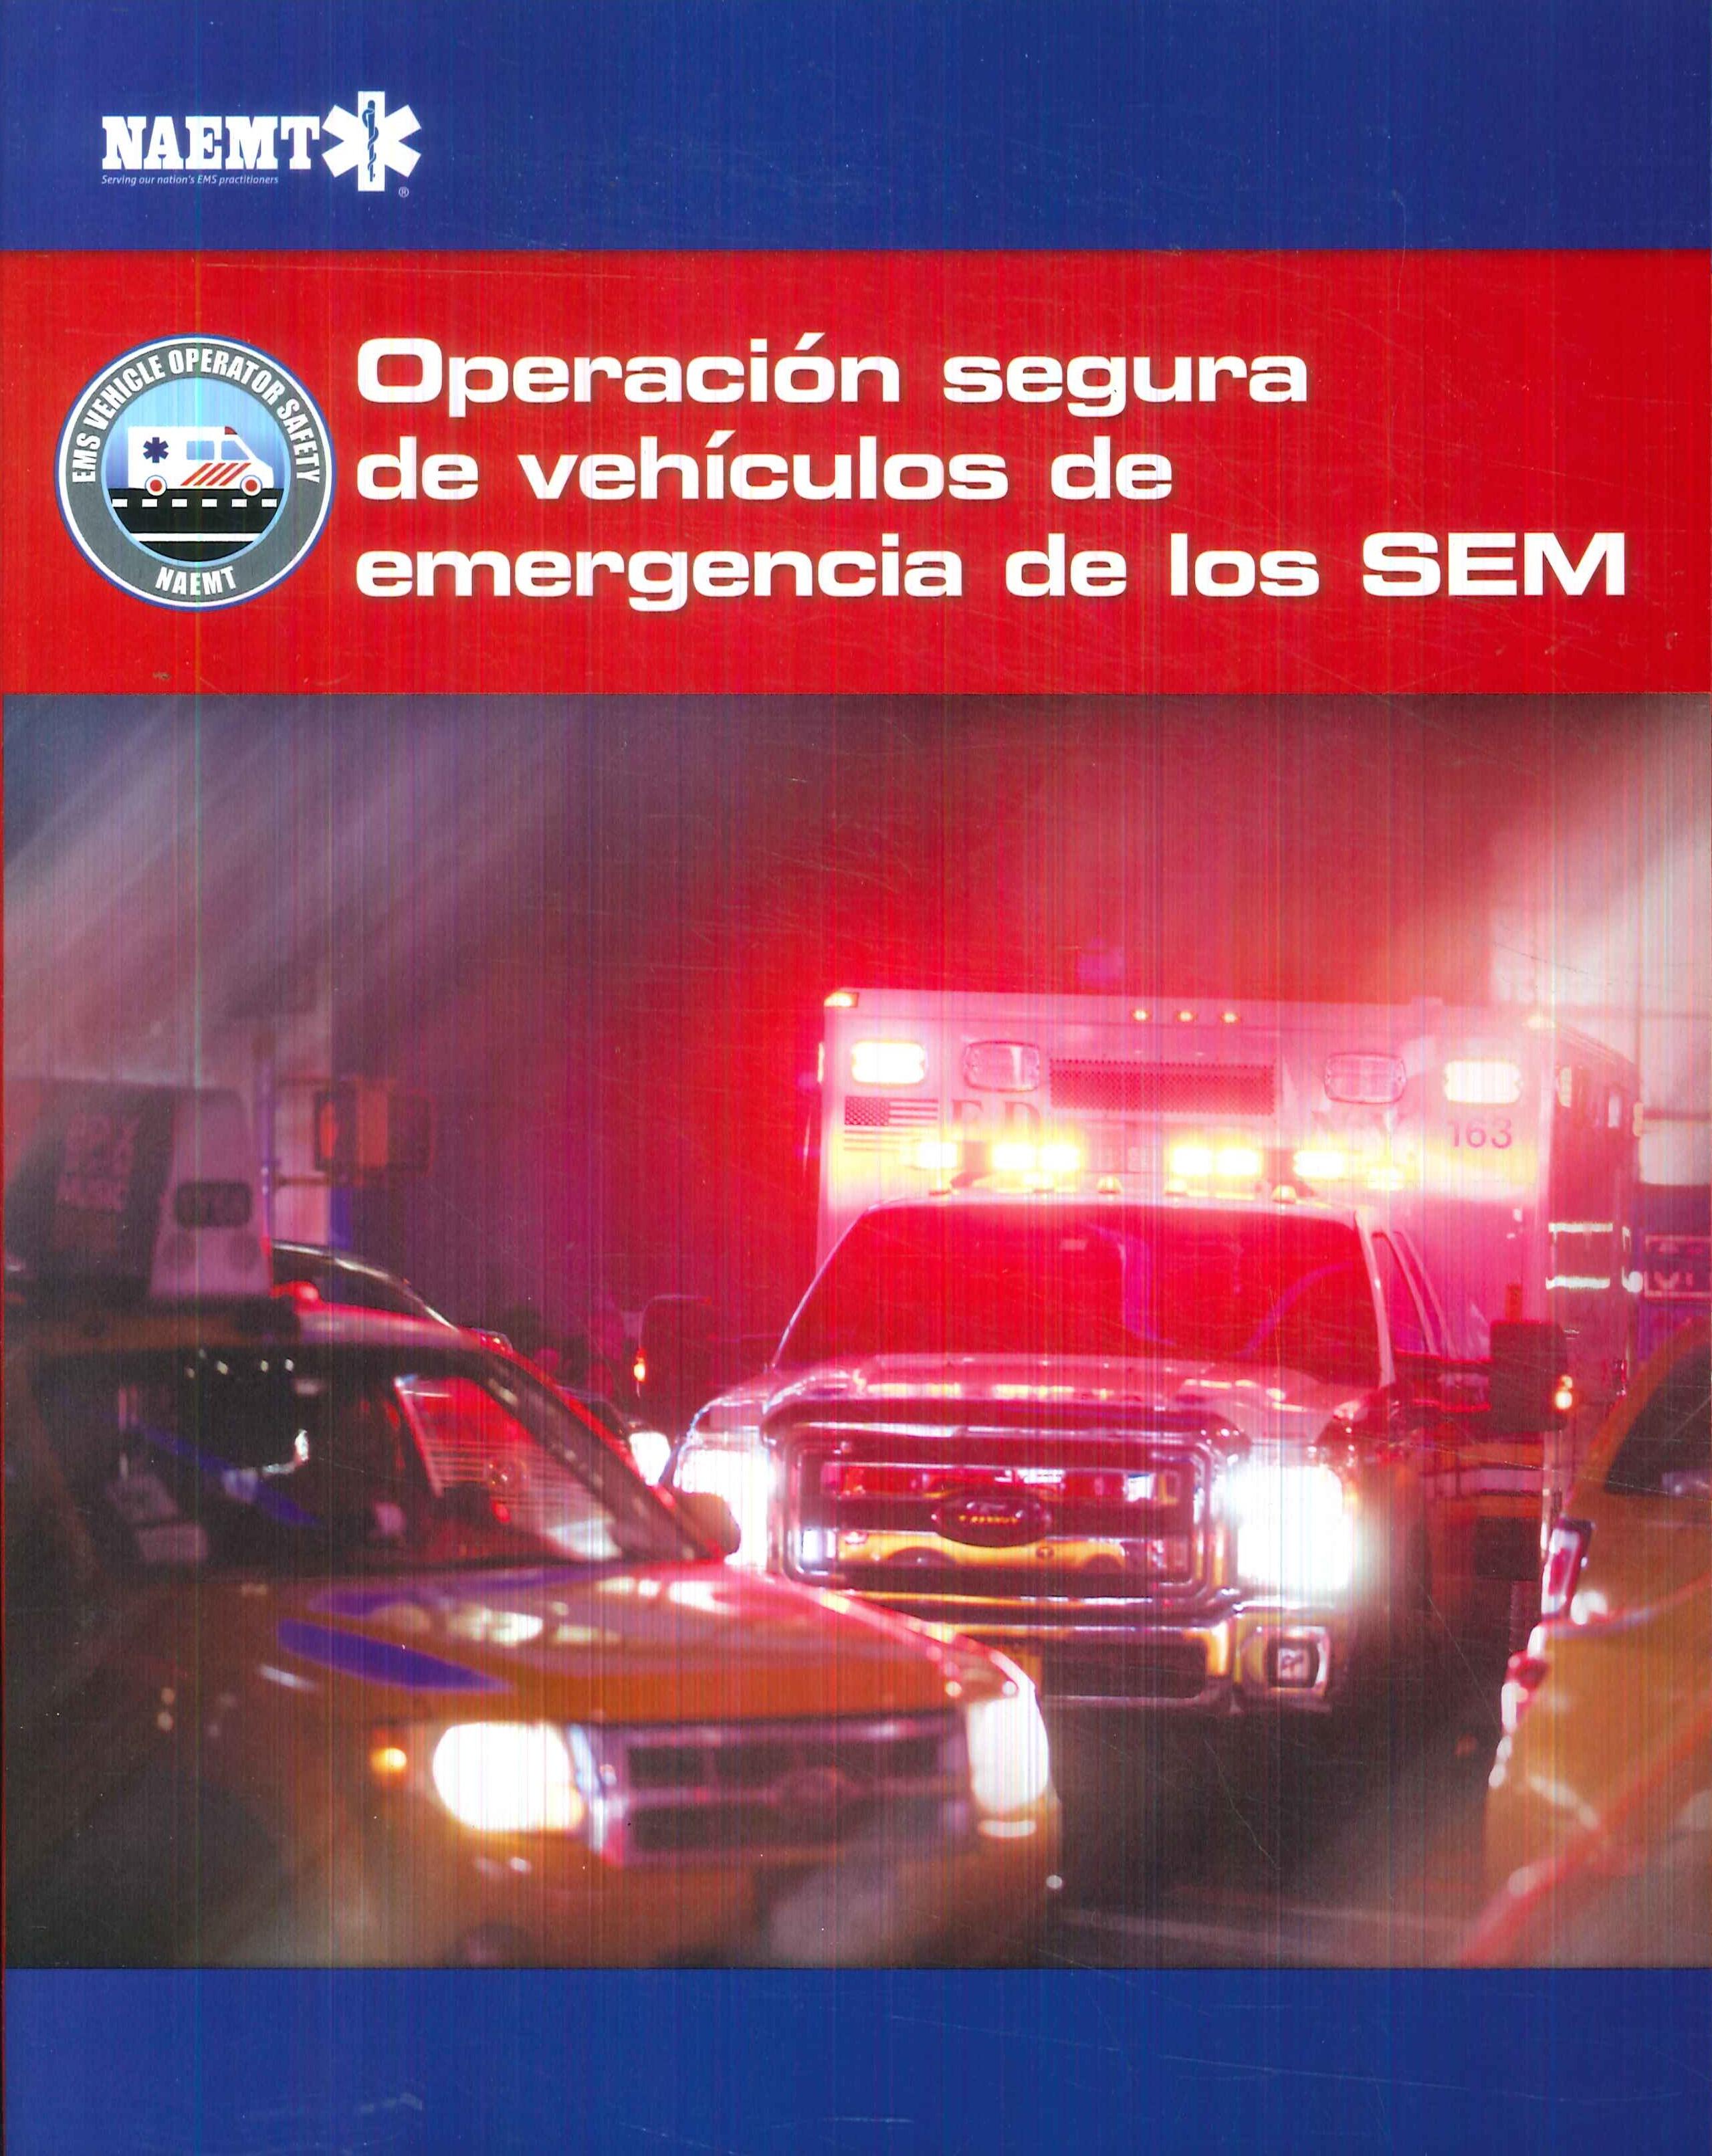 Operación segura de vehículos de emergencia de los SEM